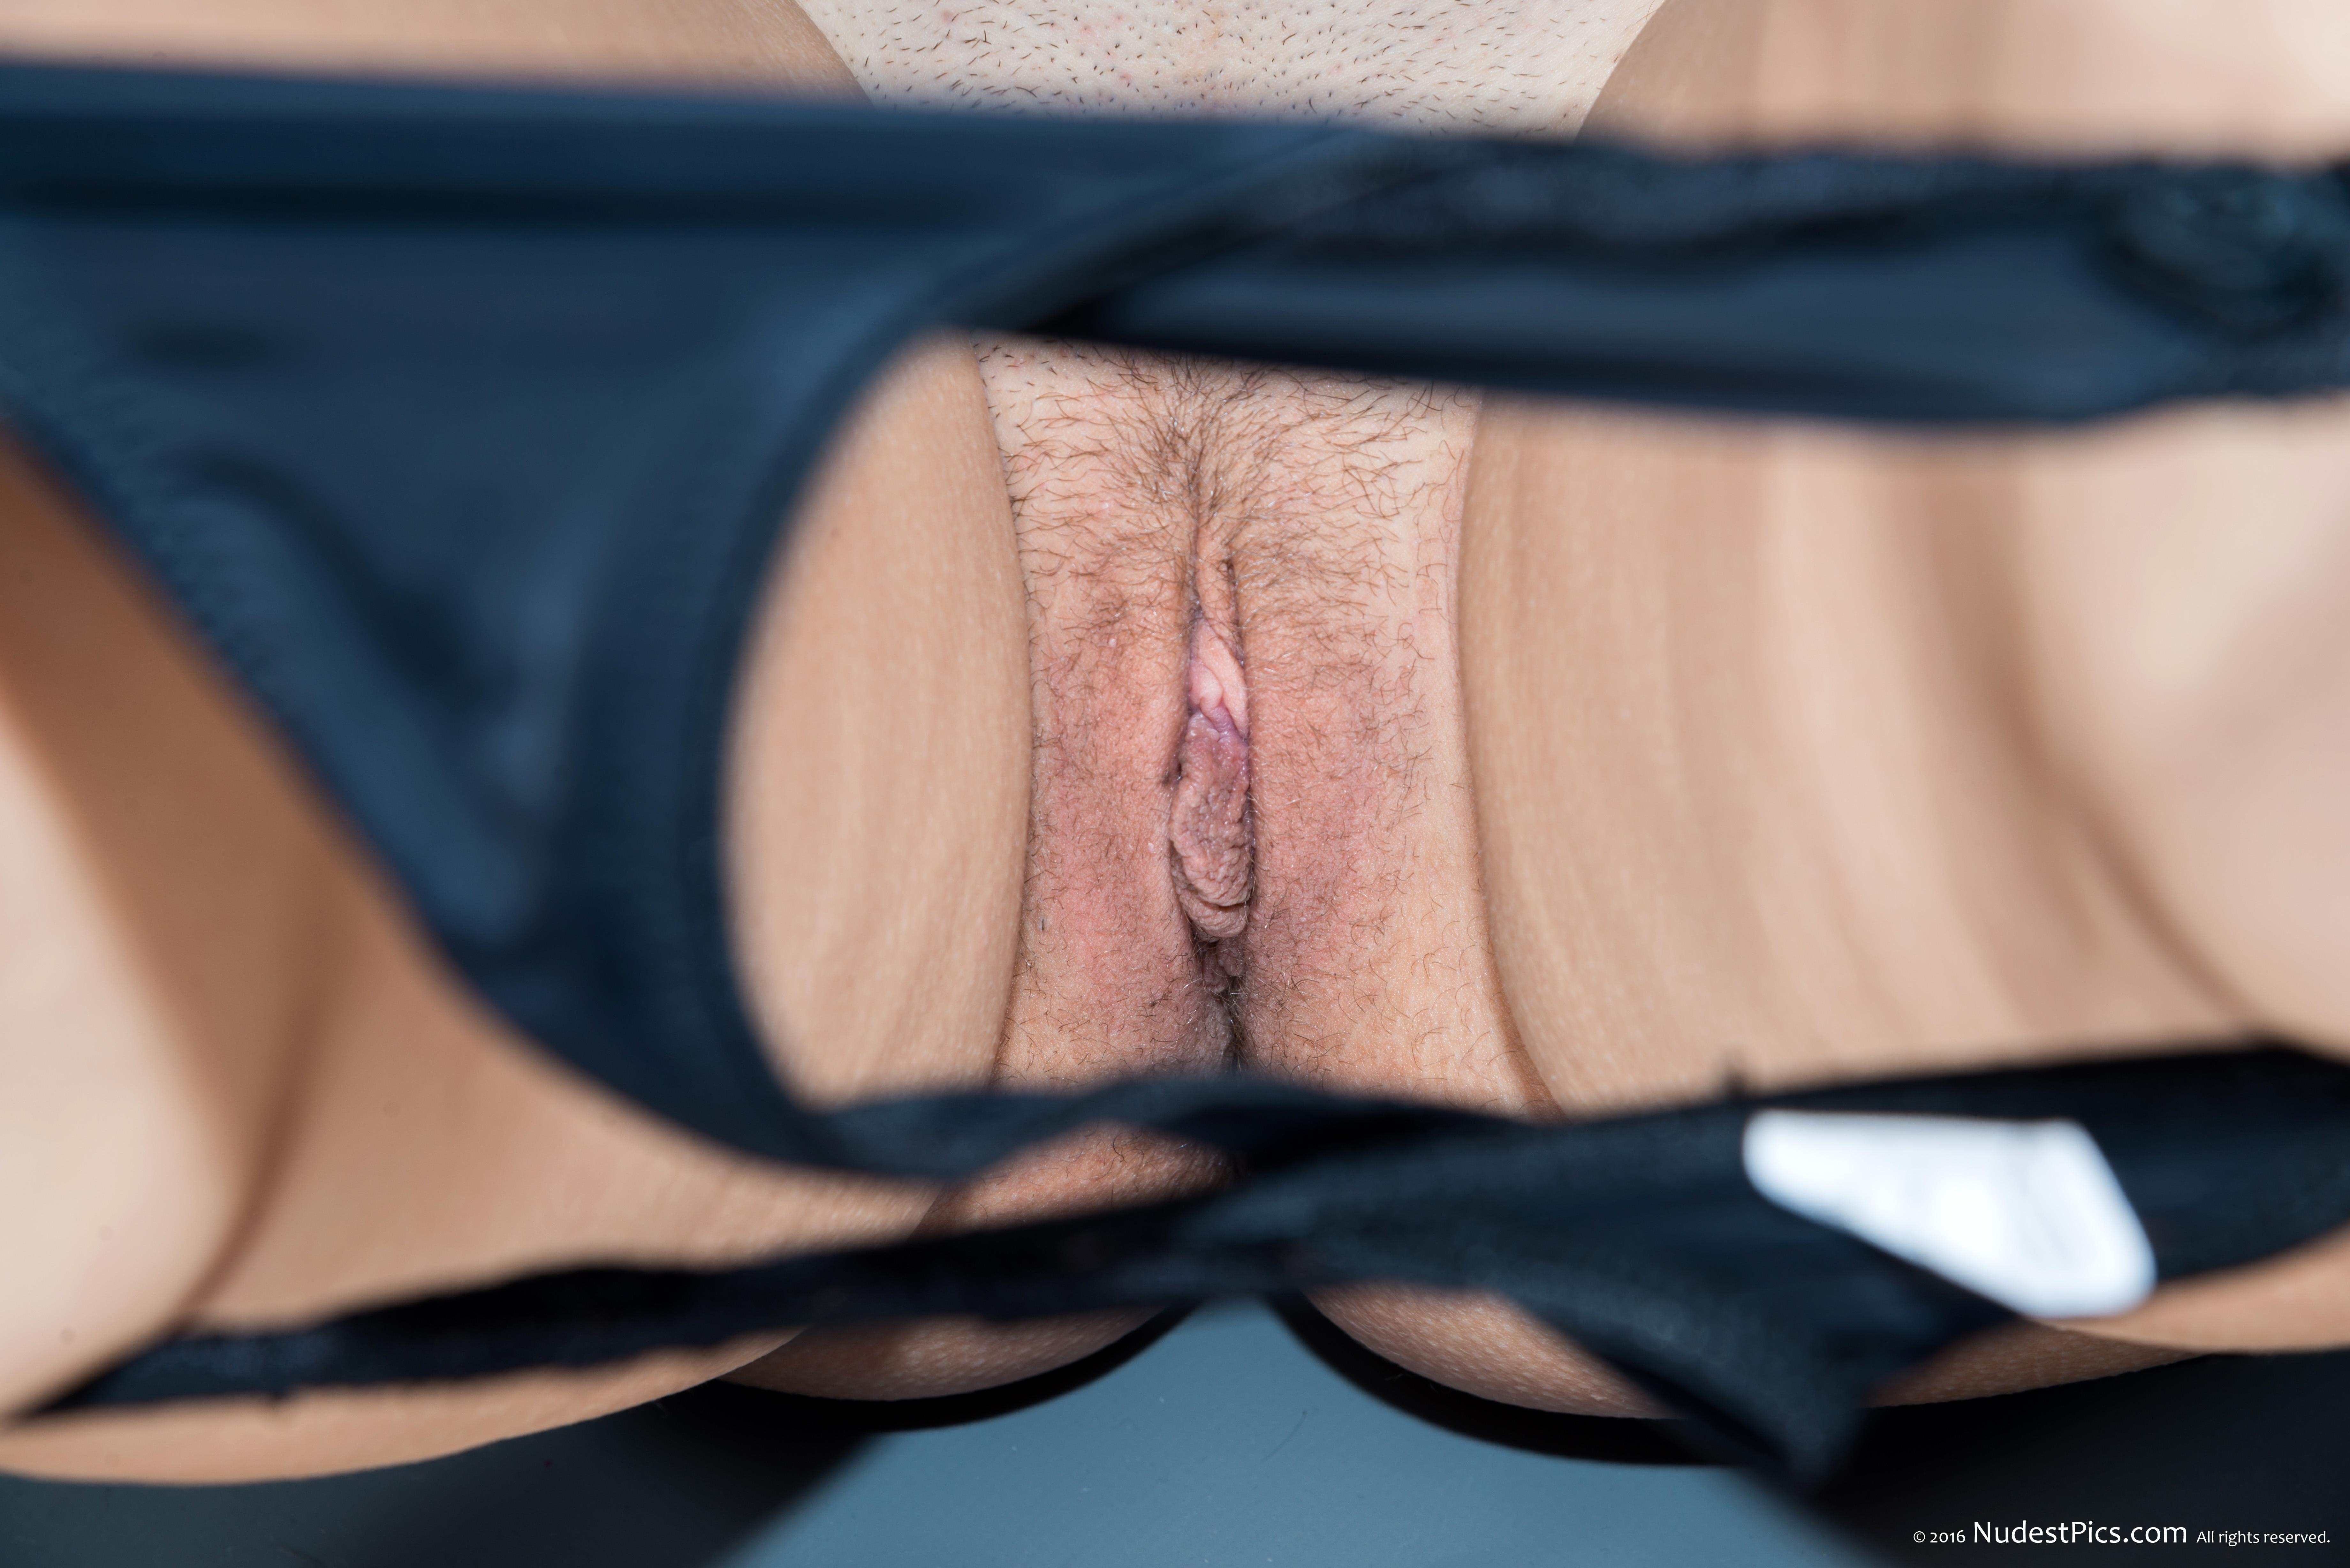 Pussy Peek Through Panties on Knees